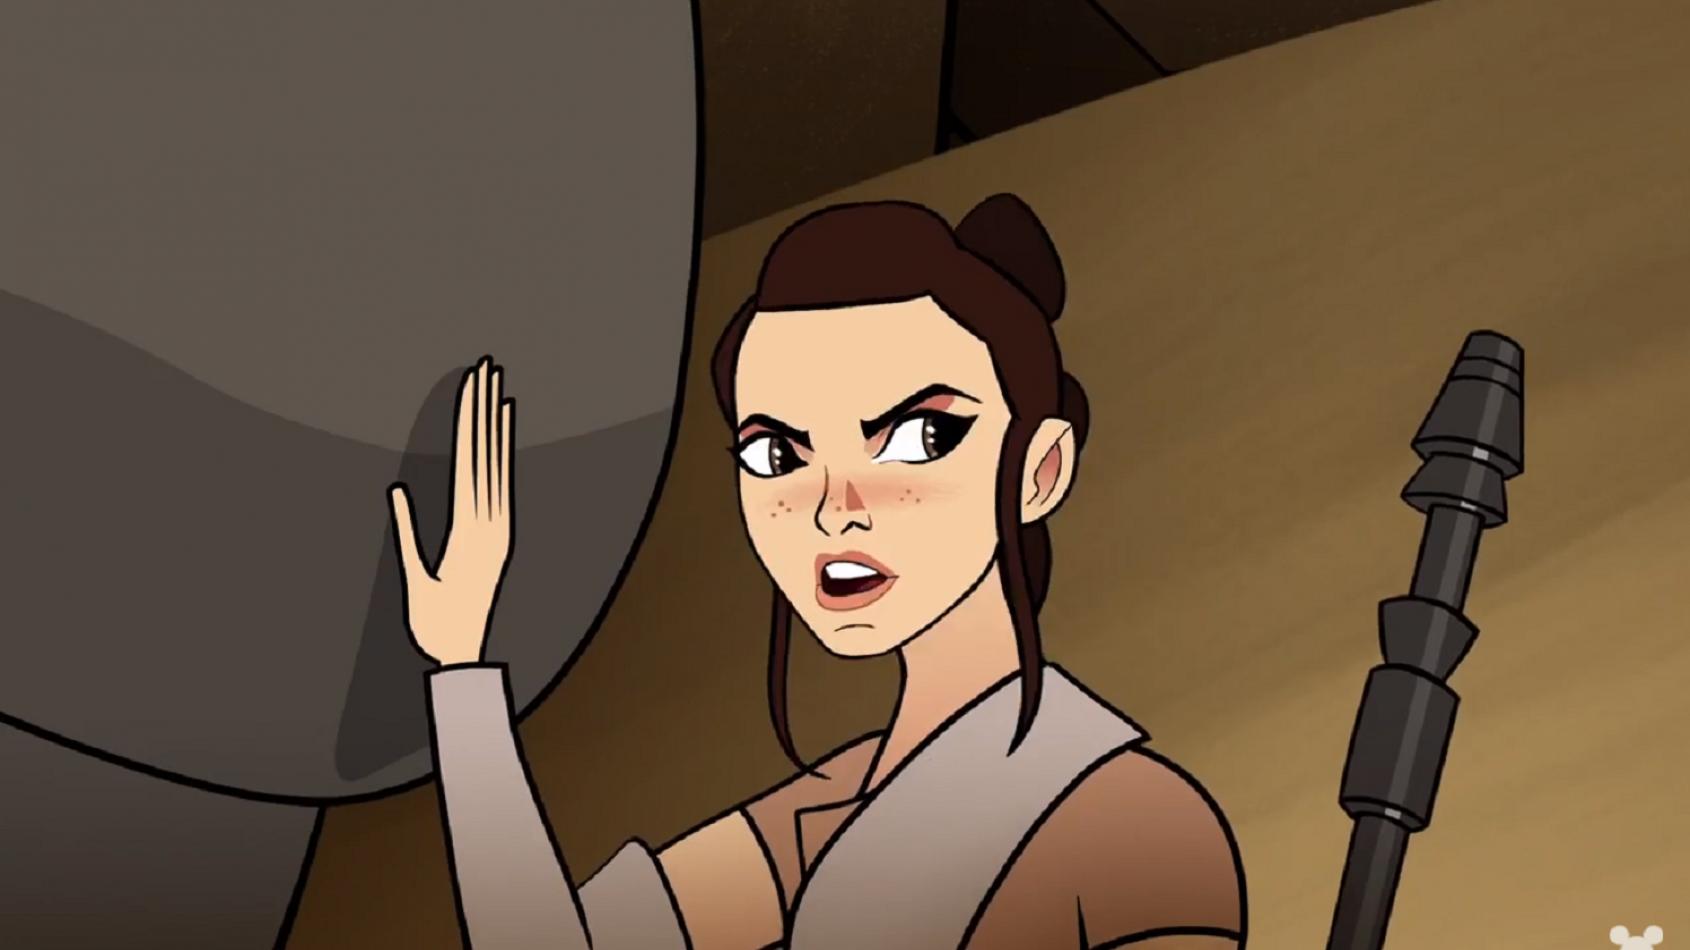 Rey de retour dans Forces du Destin